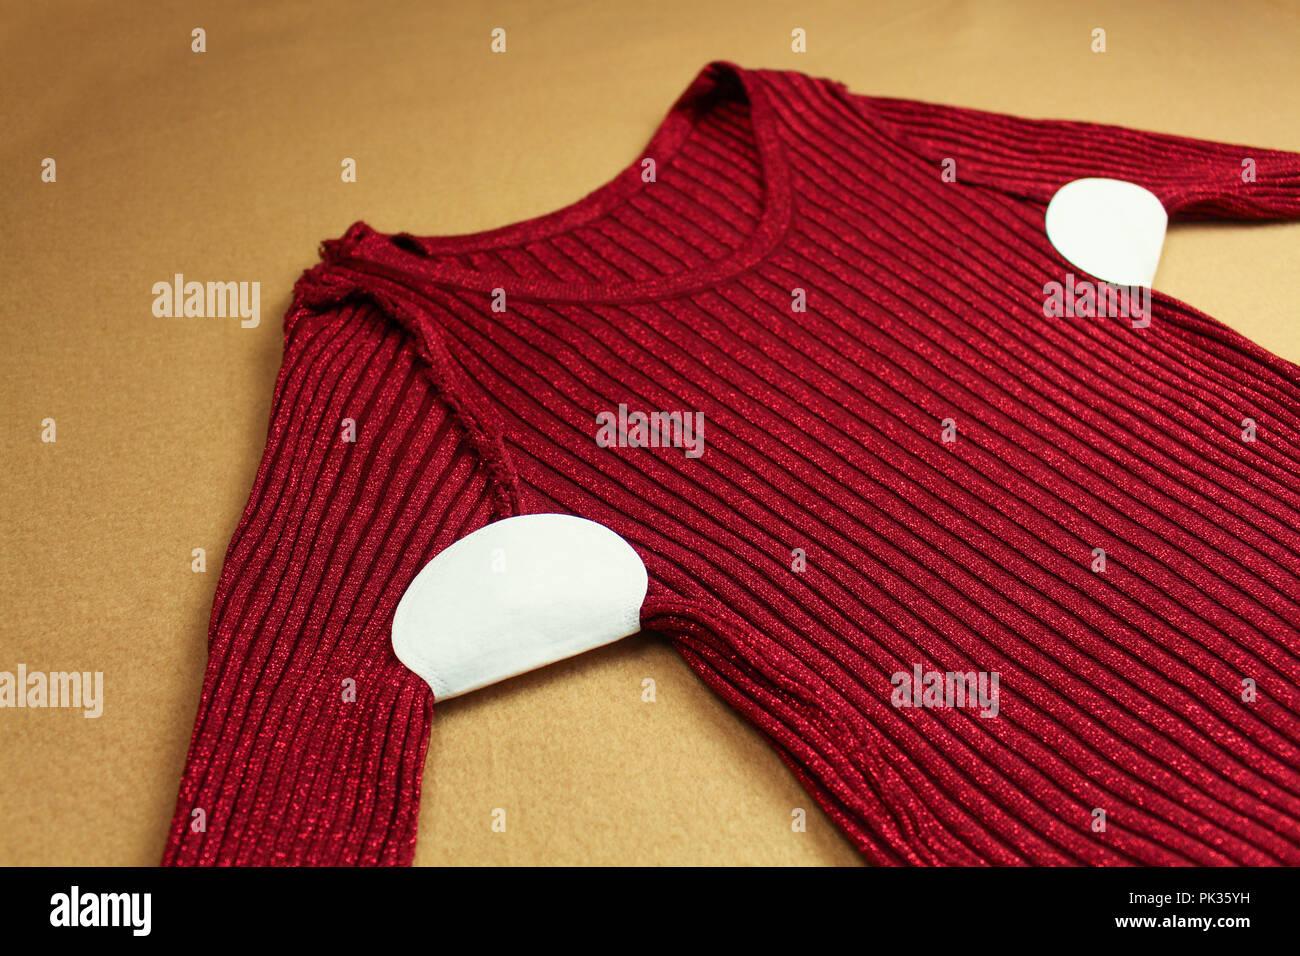 Tira de sudor adjuntas a las axilas de la vestimenta. Imagen De Stock